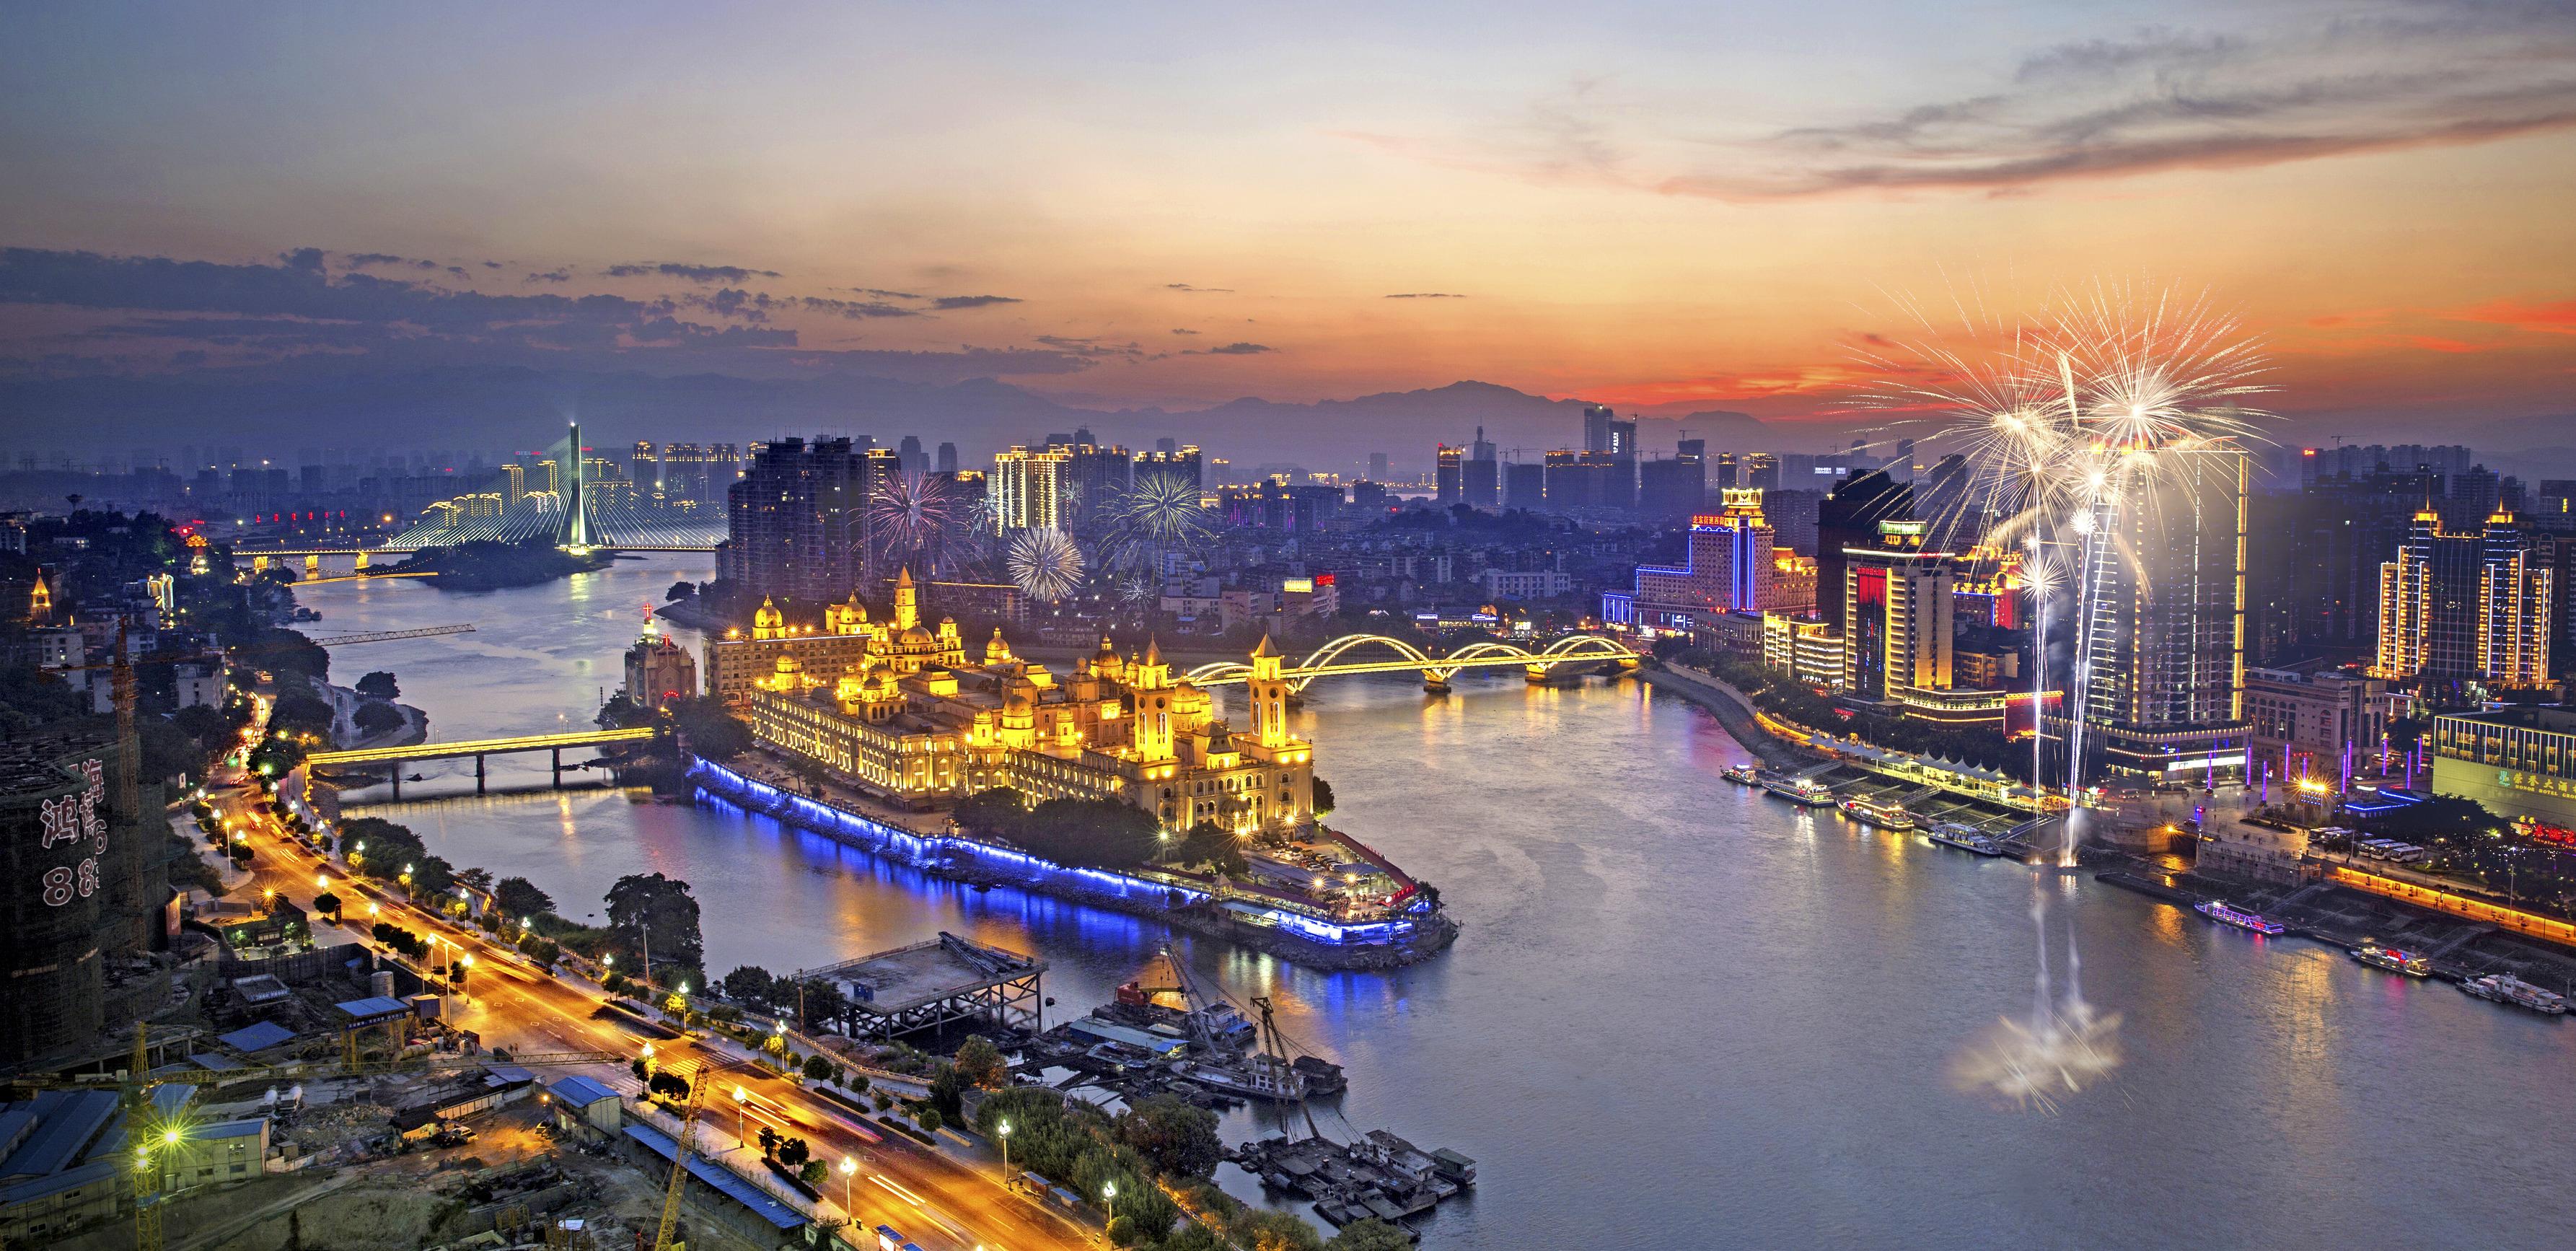 福州2020年建成国际旅游城市